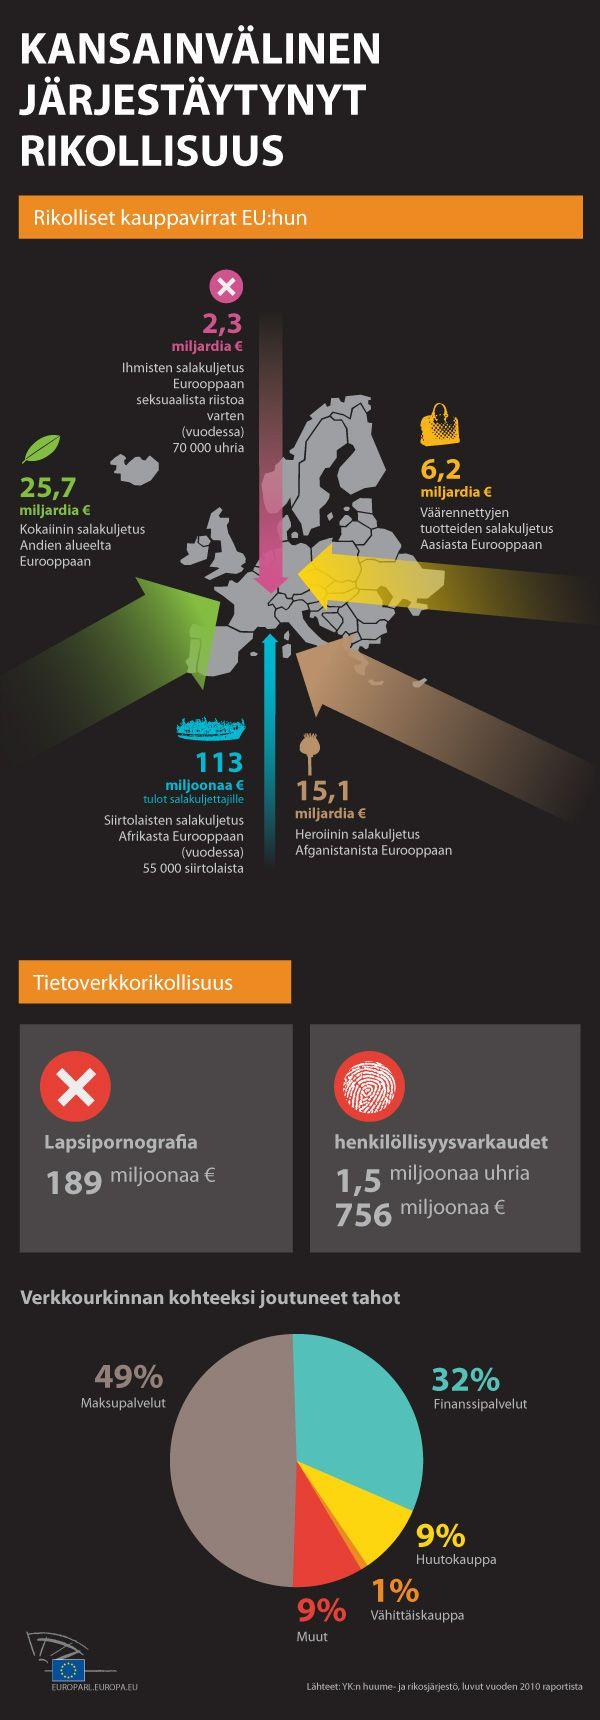 Kansainvälinen järjestäytynyt rikollisuus lukuina